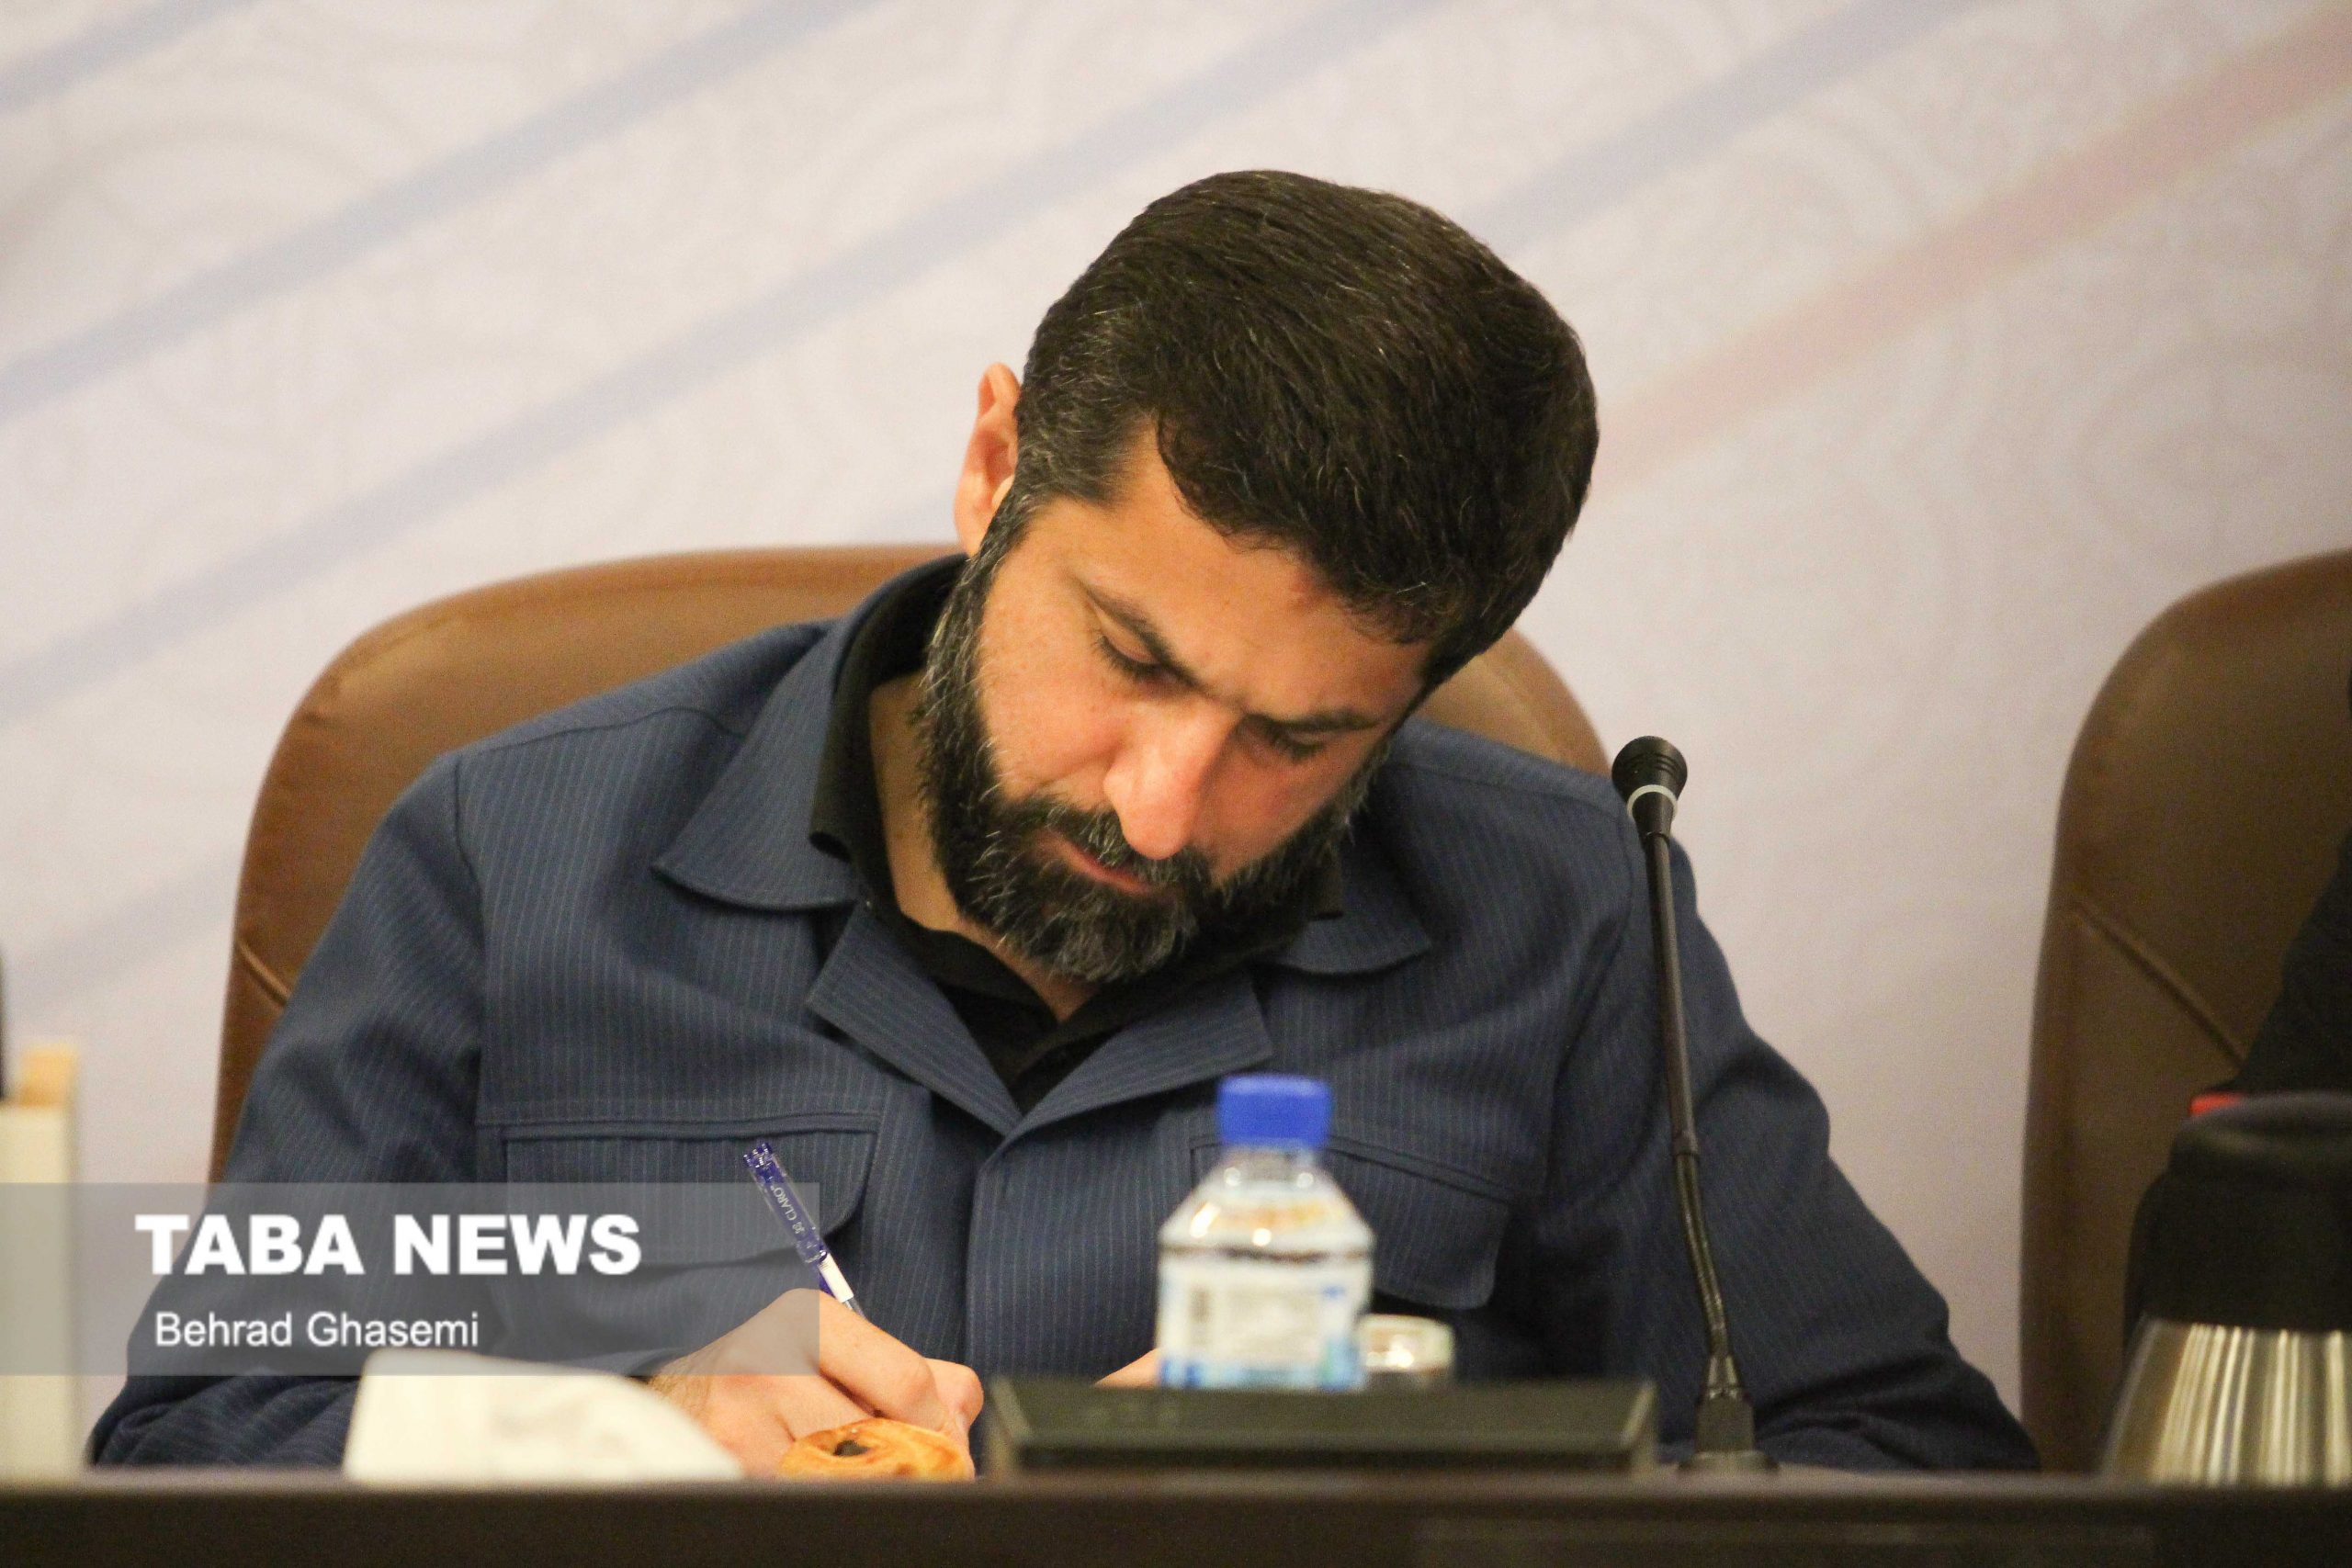 پیام غلامرضا شریعتی به مردم خوزستان